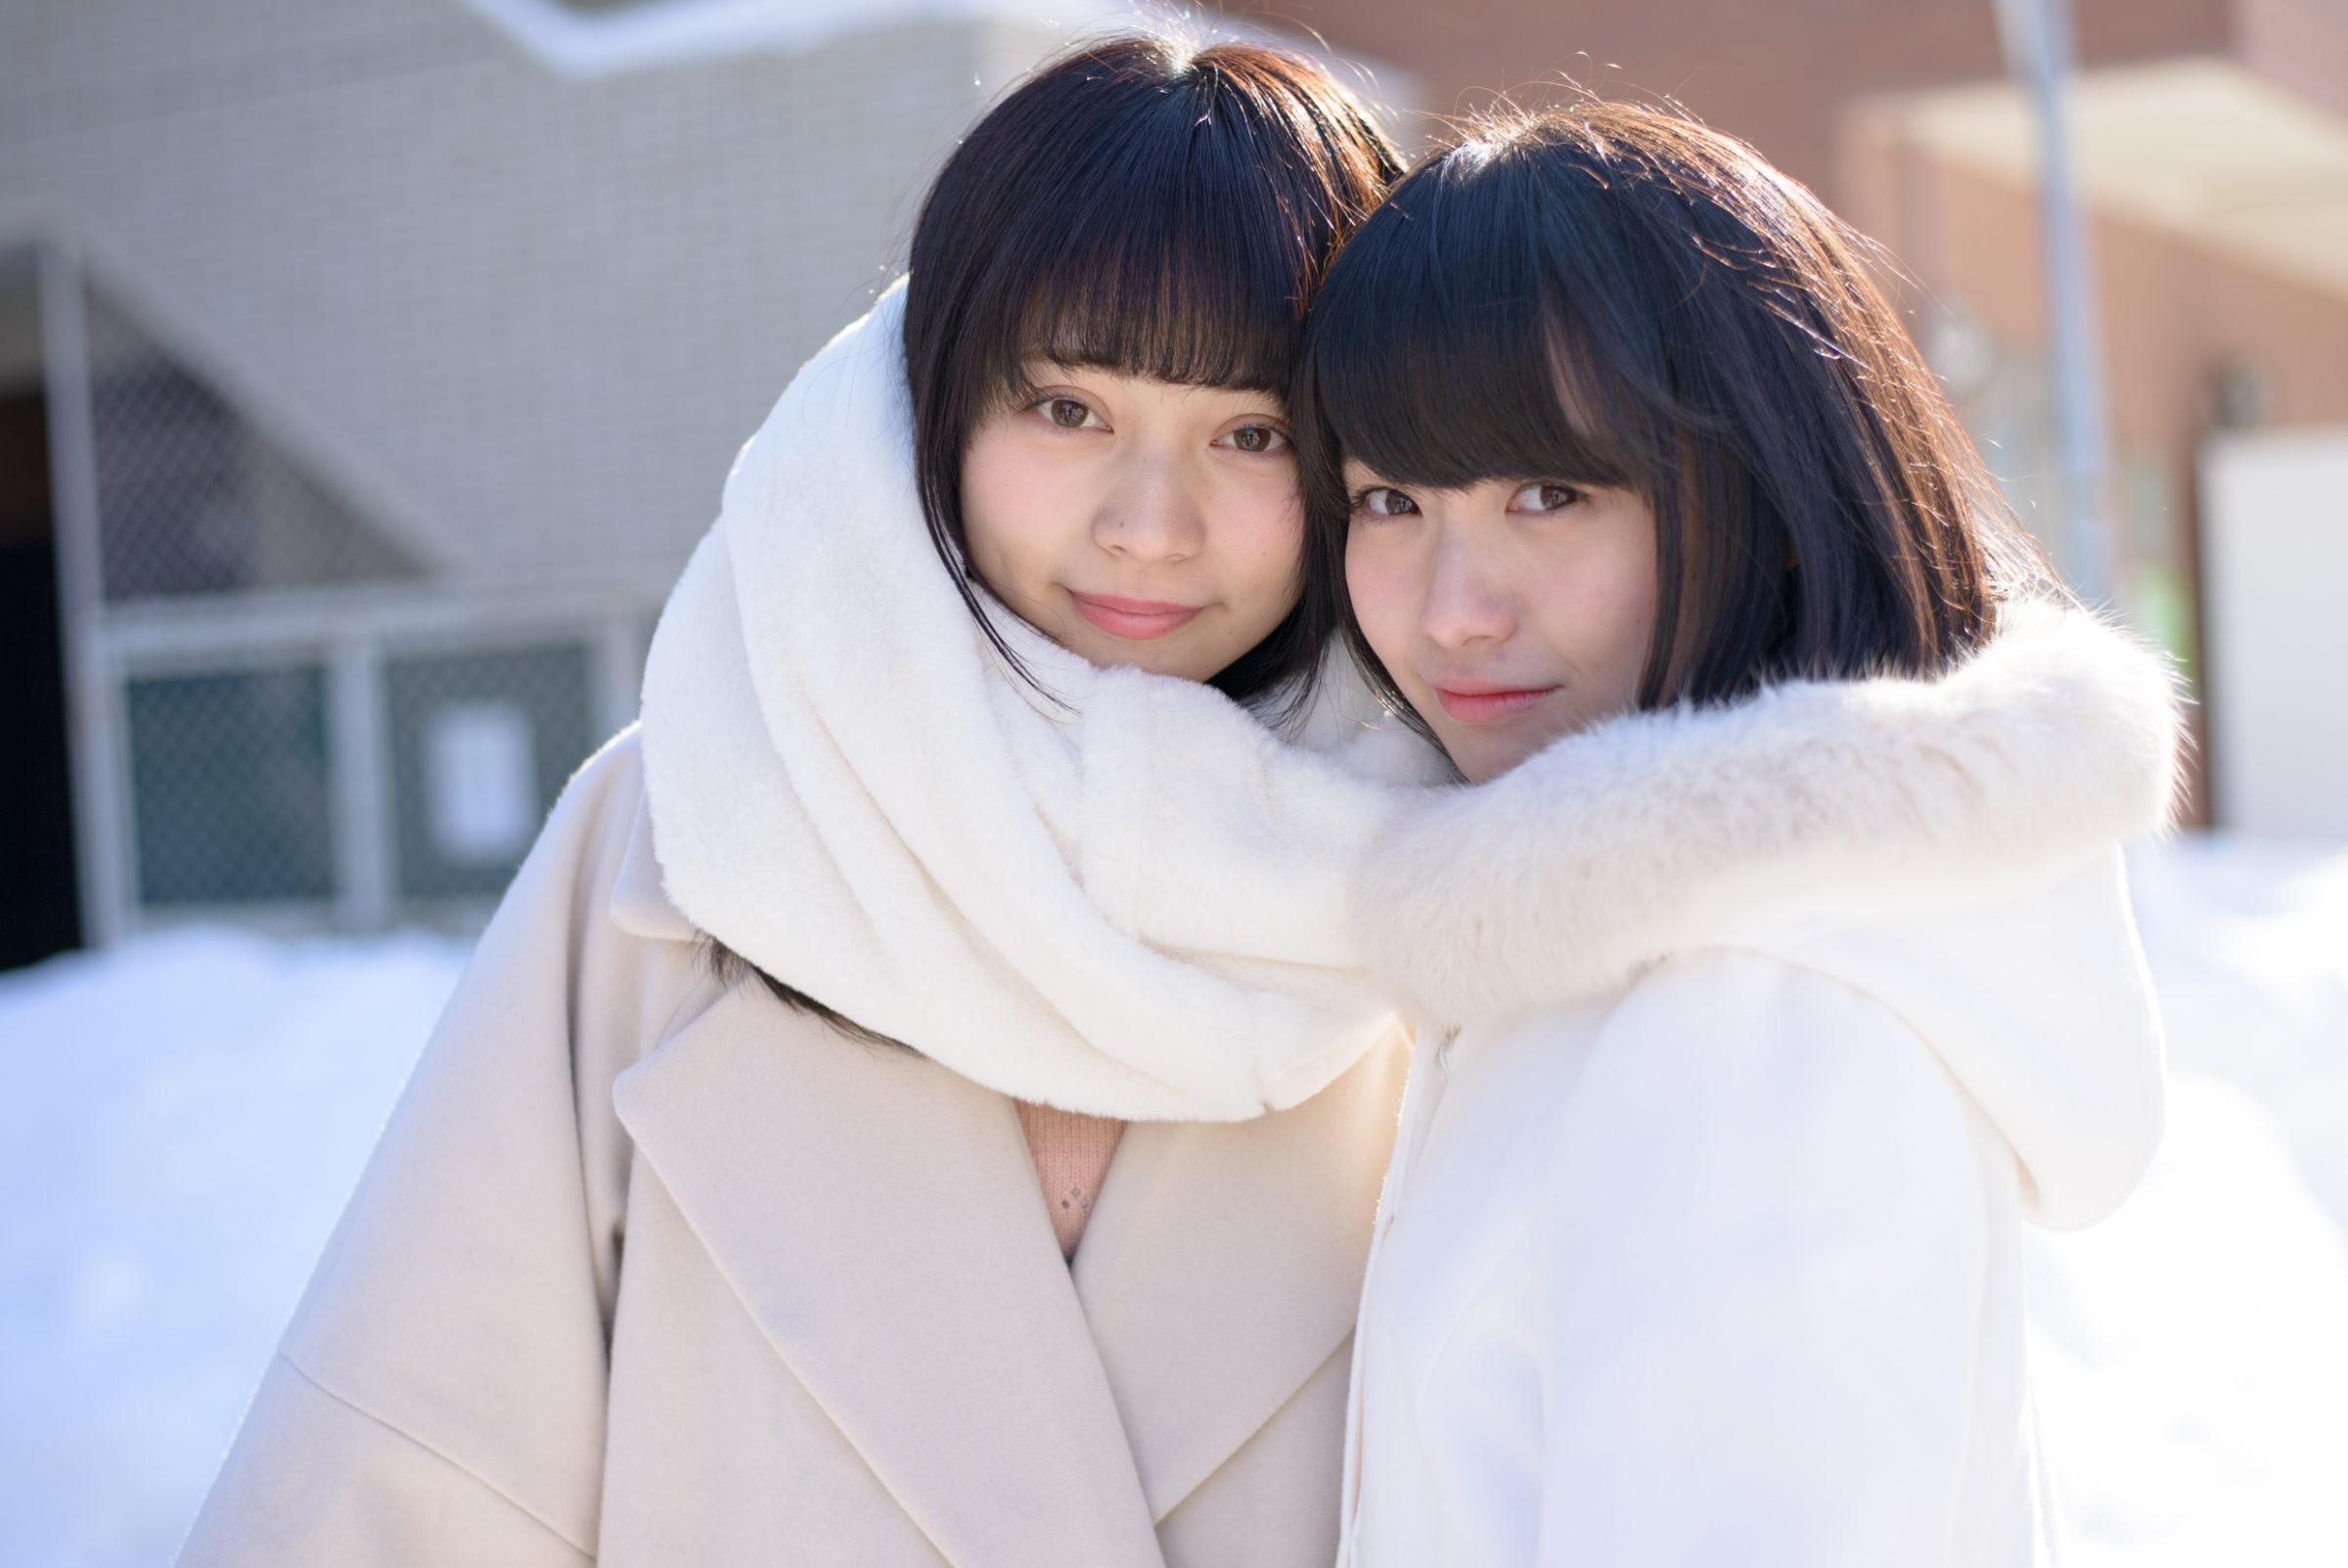 2代目HAPPY少女 ゆいな ( 宮崎ゆいな ) & みっちょ ( 本田みく )